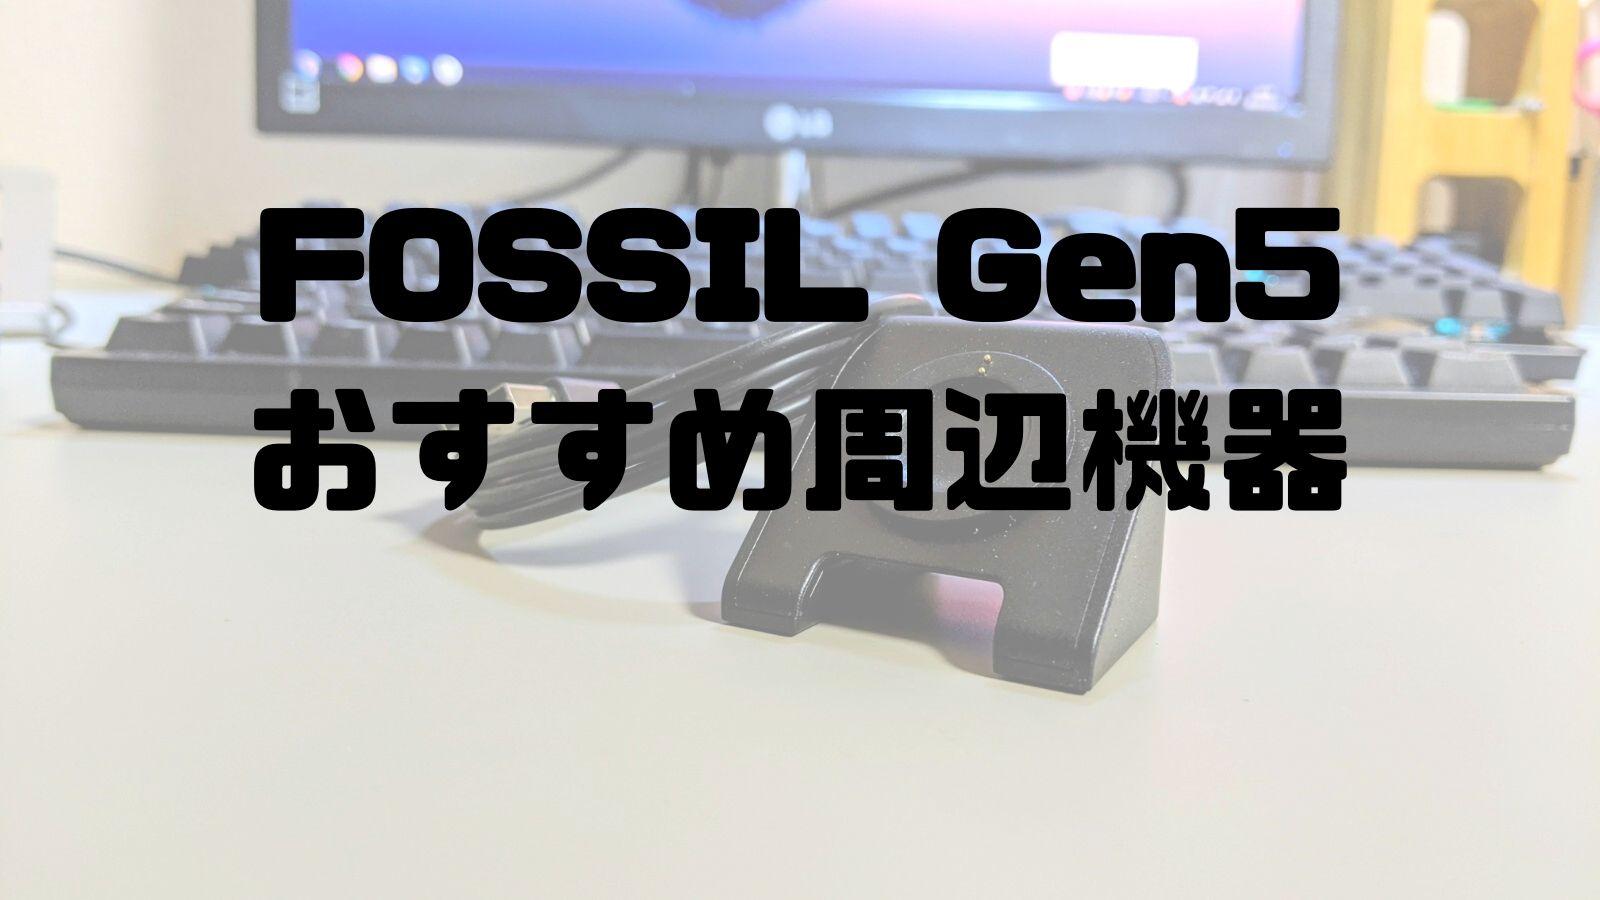 FOSSILジェネレーション5用のおすすめ充電器などの紹介